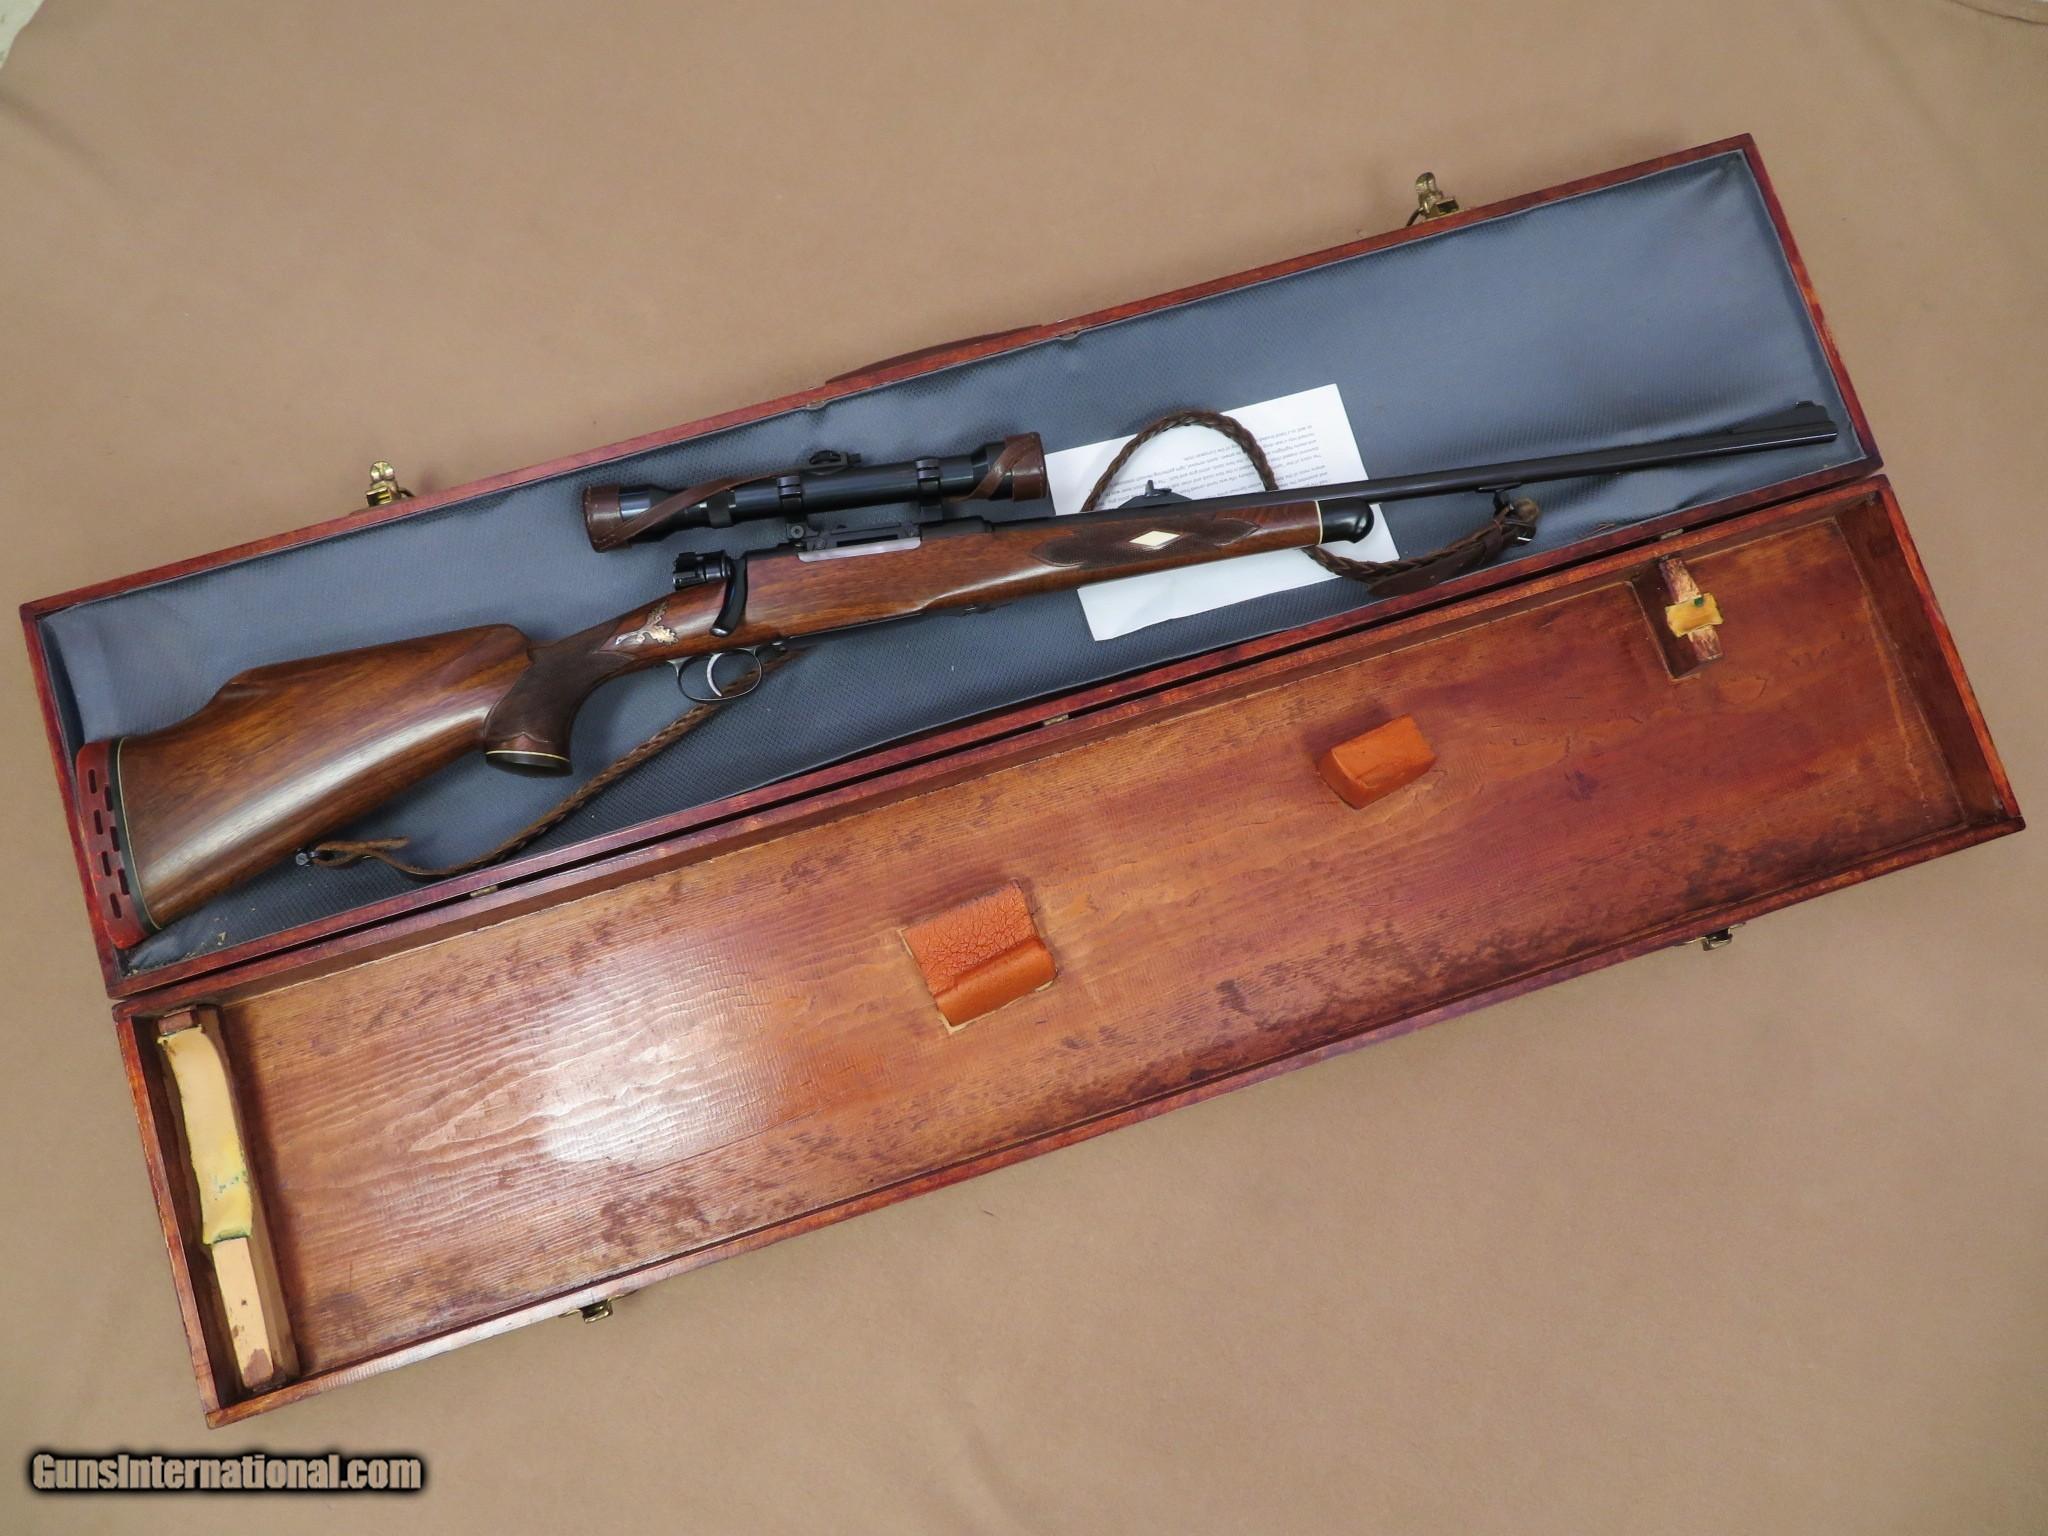 Mauser Side Scope Mount